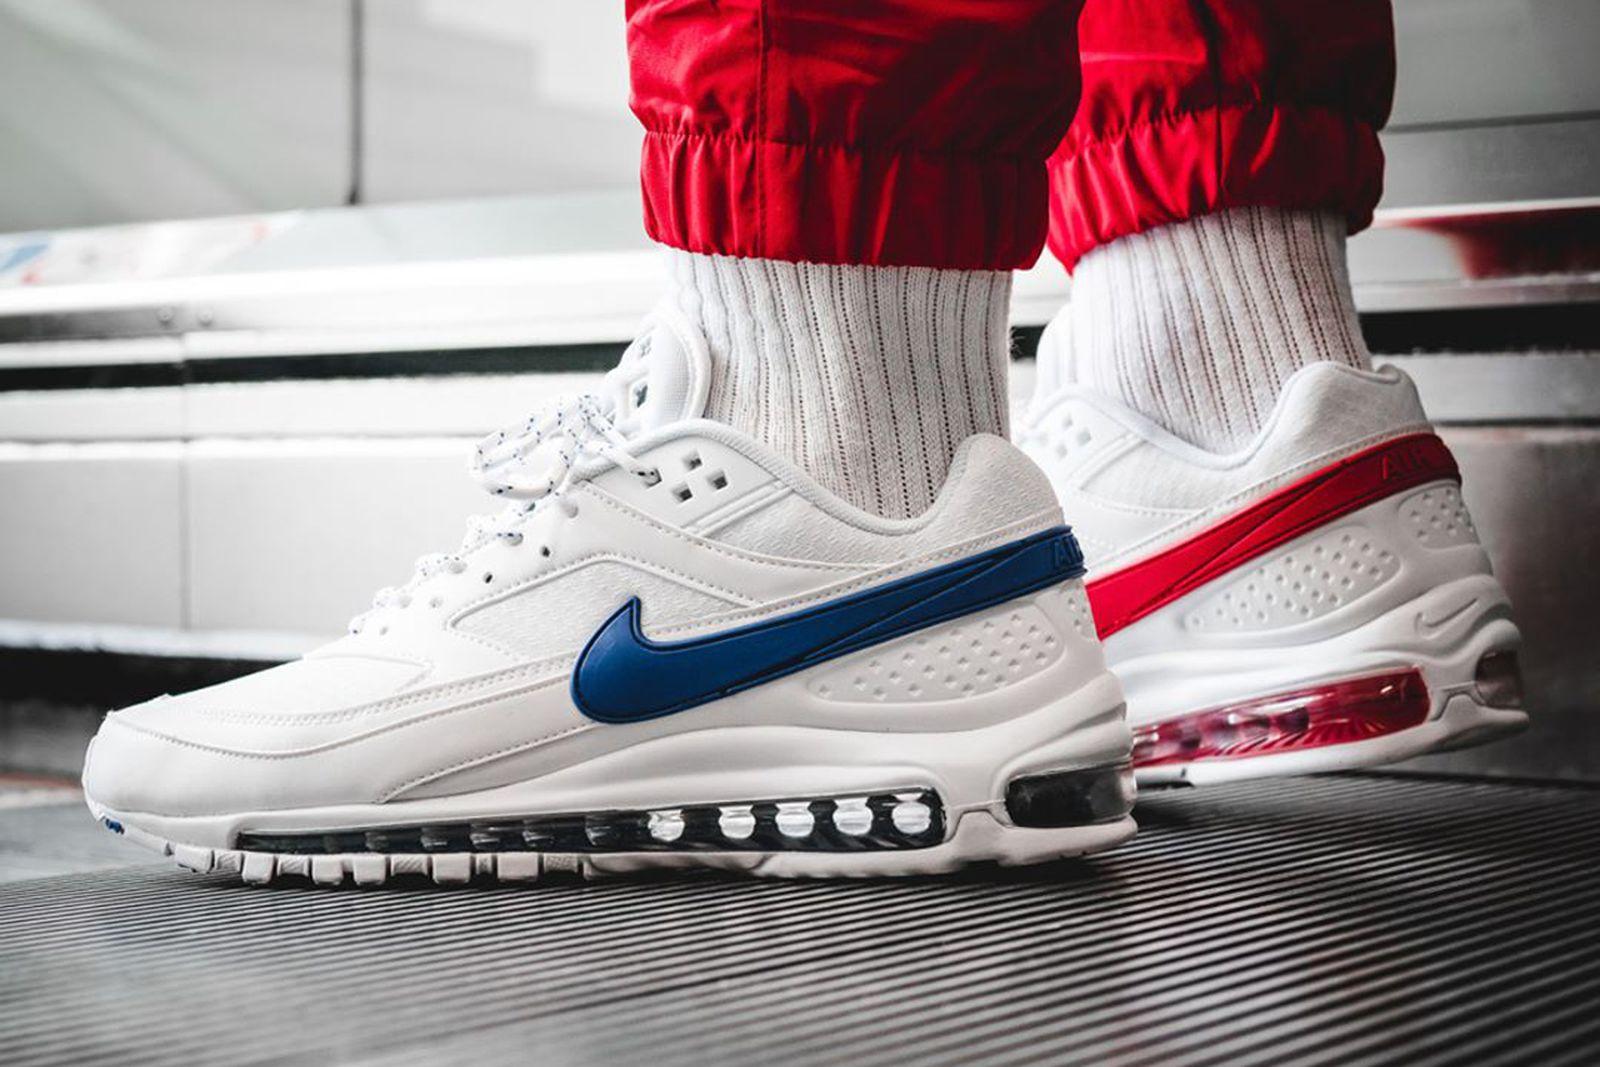 Skepta's Nike Air Max 97/BW SK: Best Sneakers on Instagram